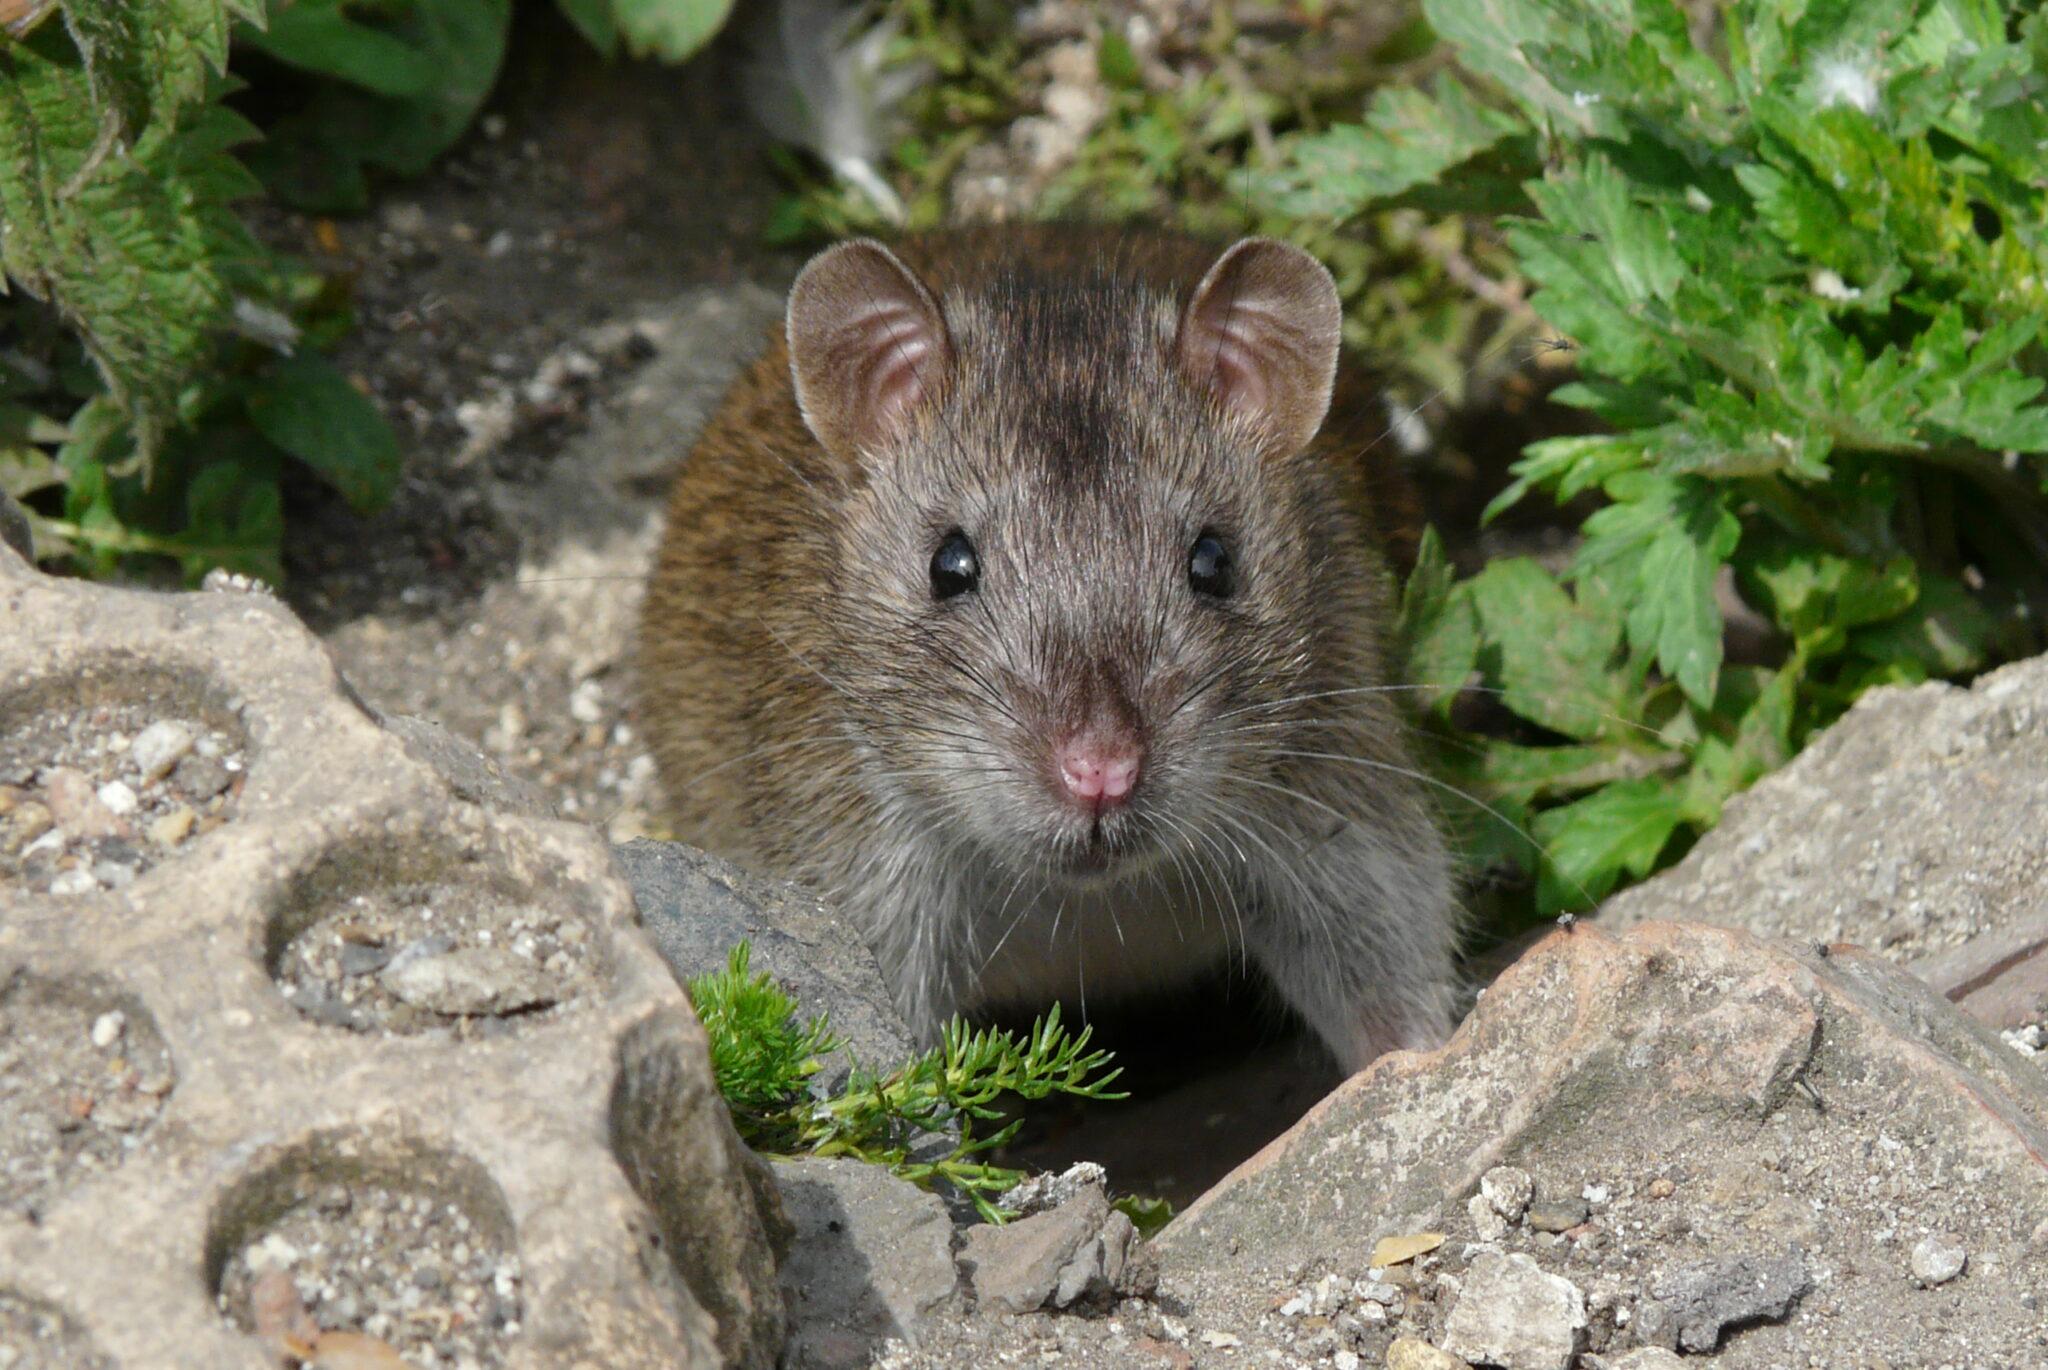 Braune Ratte zwischen Steinen, frontal aufgenommen